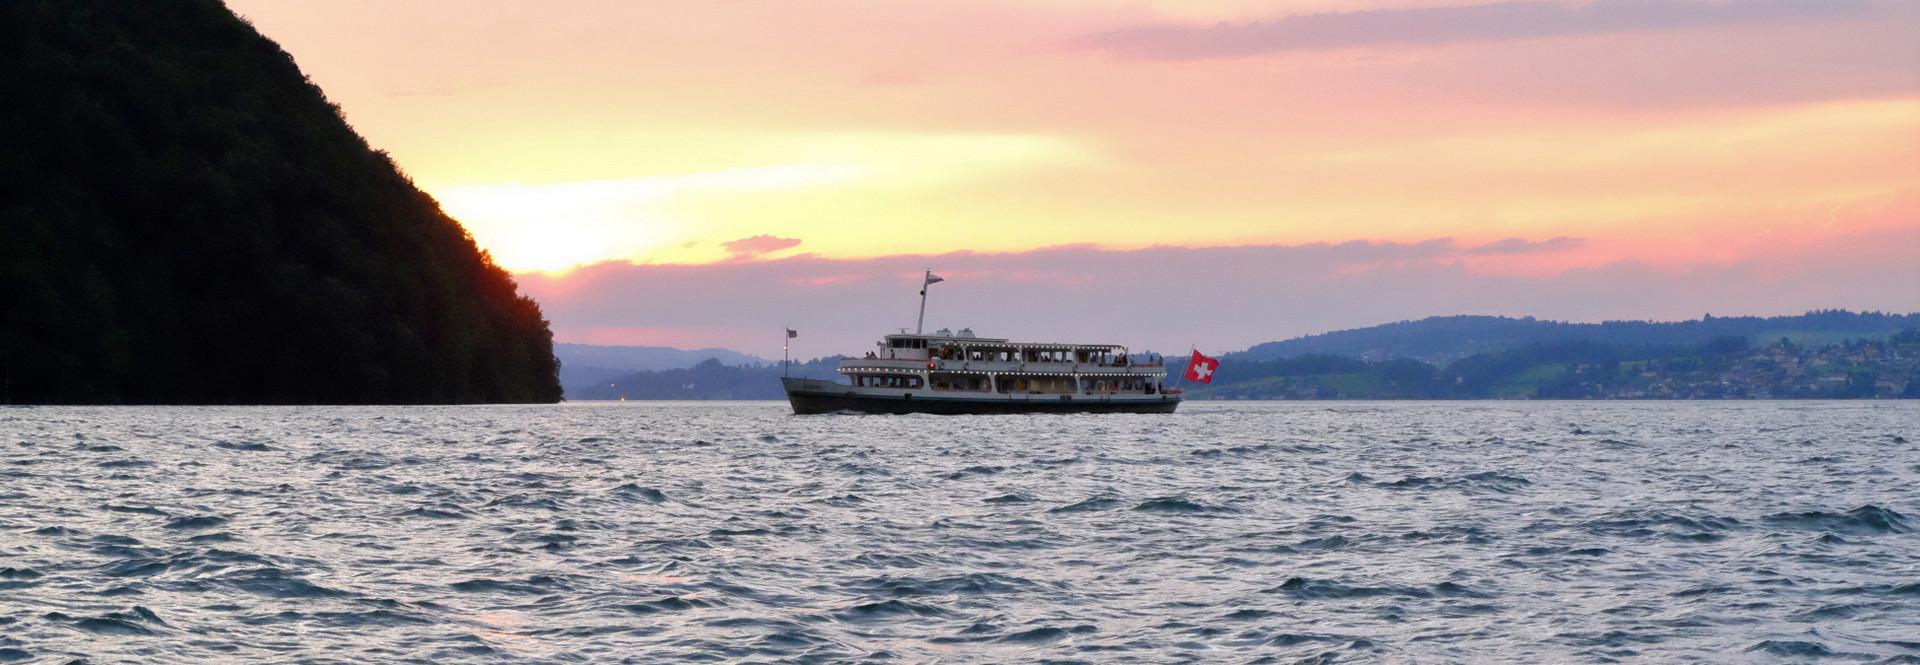 Auch zahlreiche Motorschiffe sind am Abend des 1. August auf dem Vierwaldstättersee unterwegs.